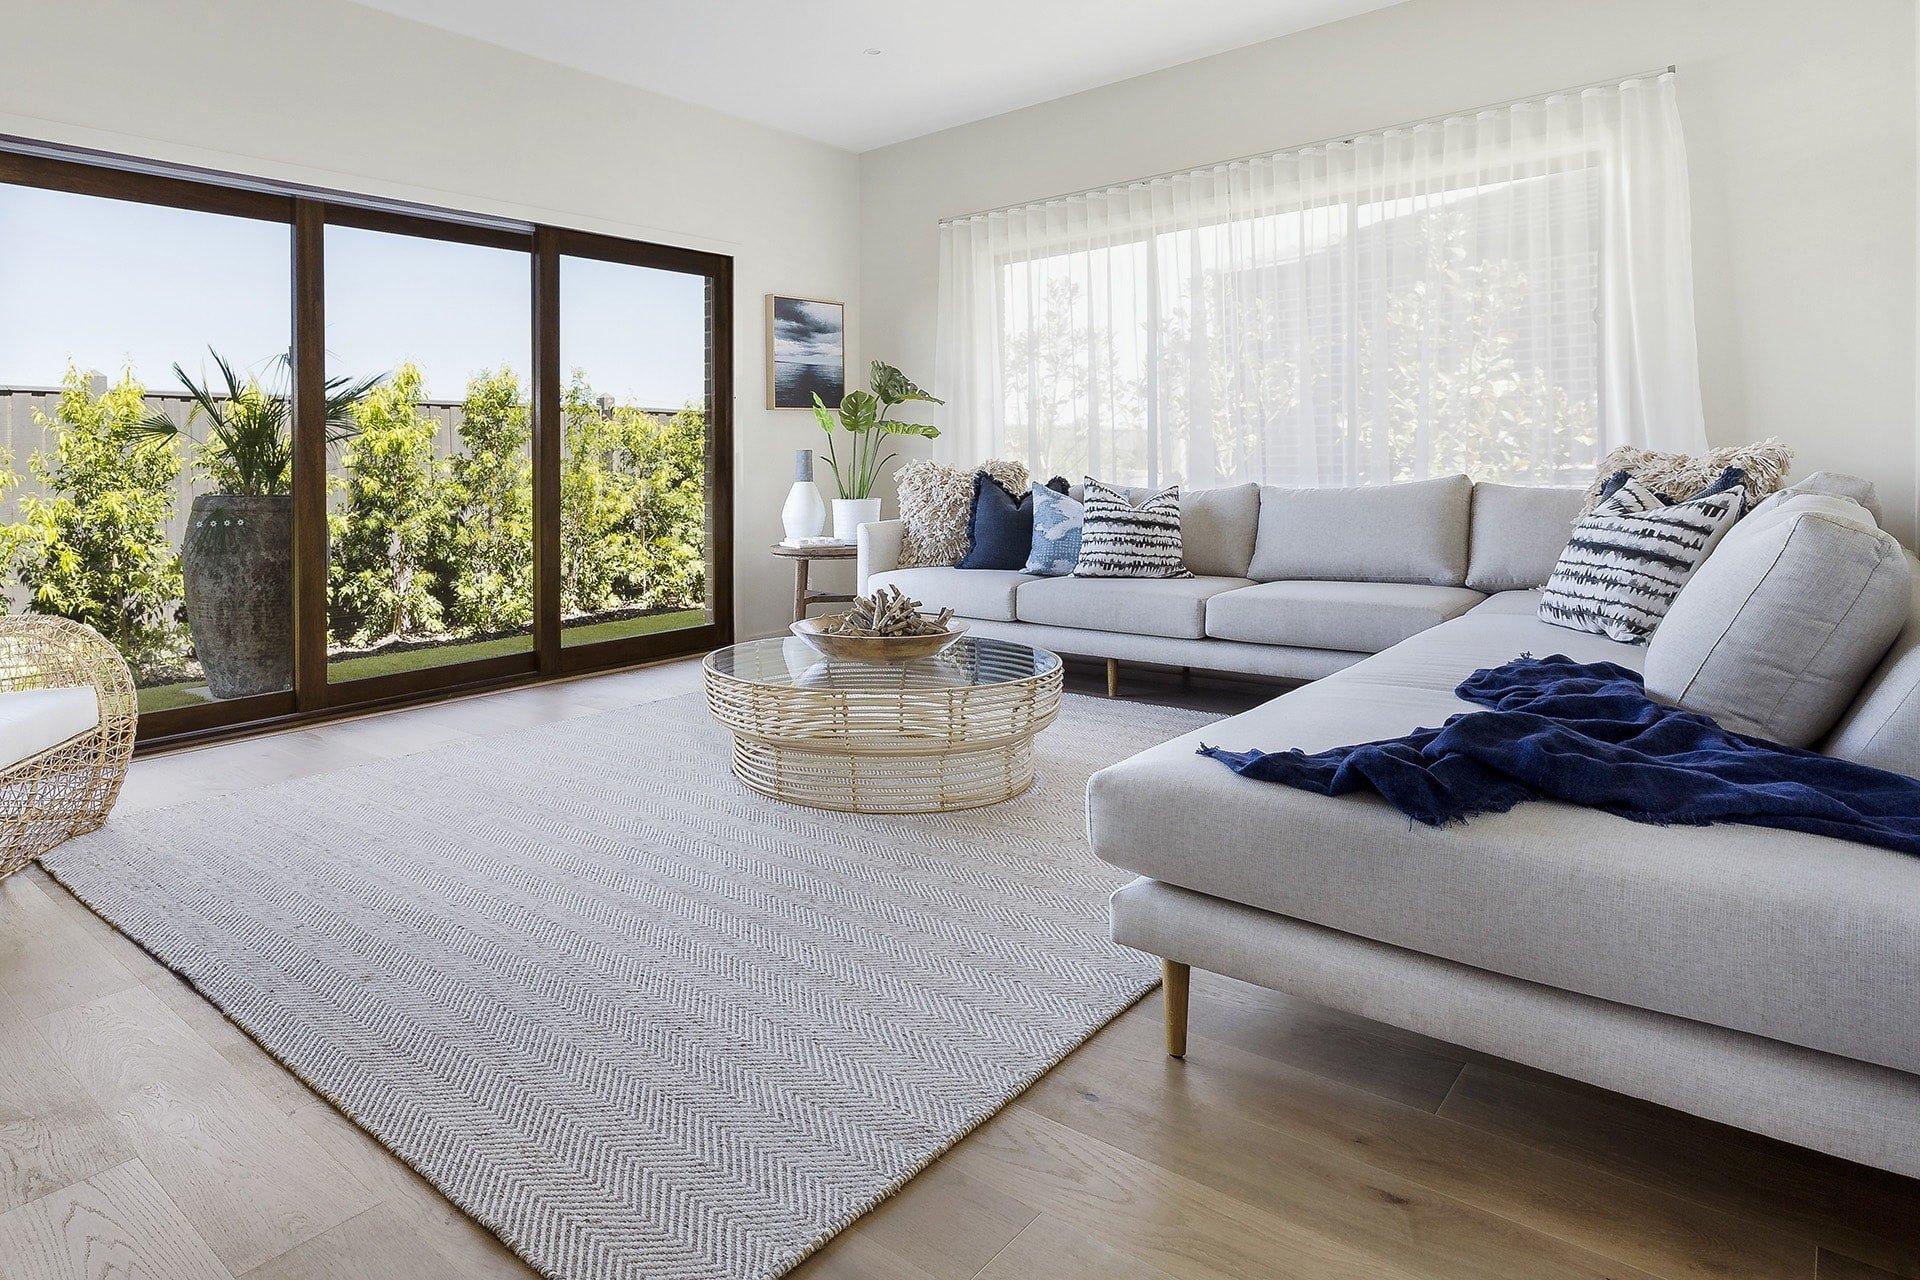 Coastal Contemporary Living Room Beautiful now This is How You Do Modern Coastal Interior Design